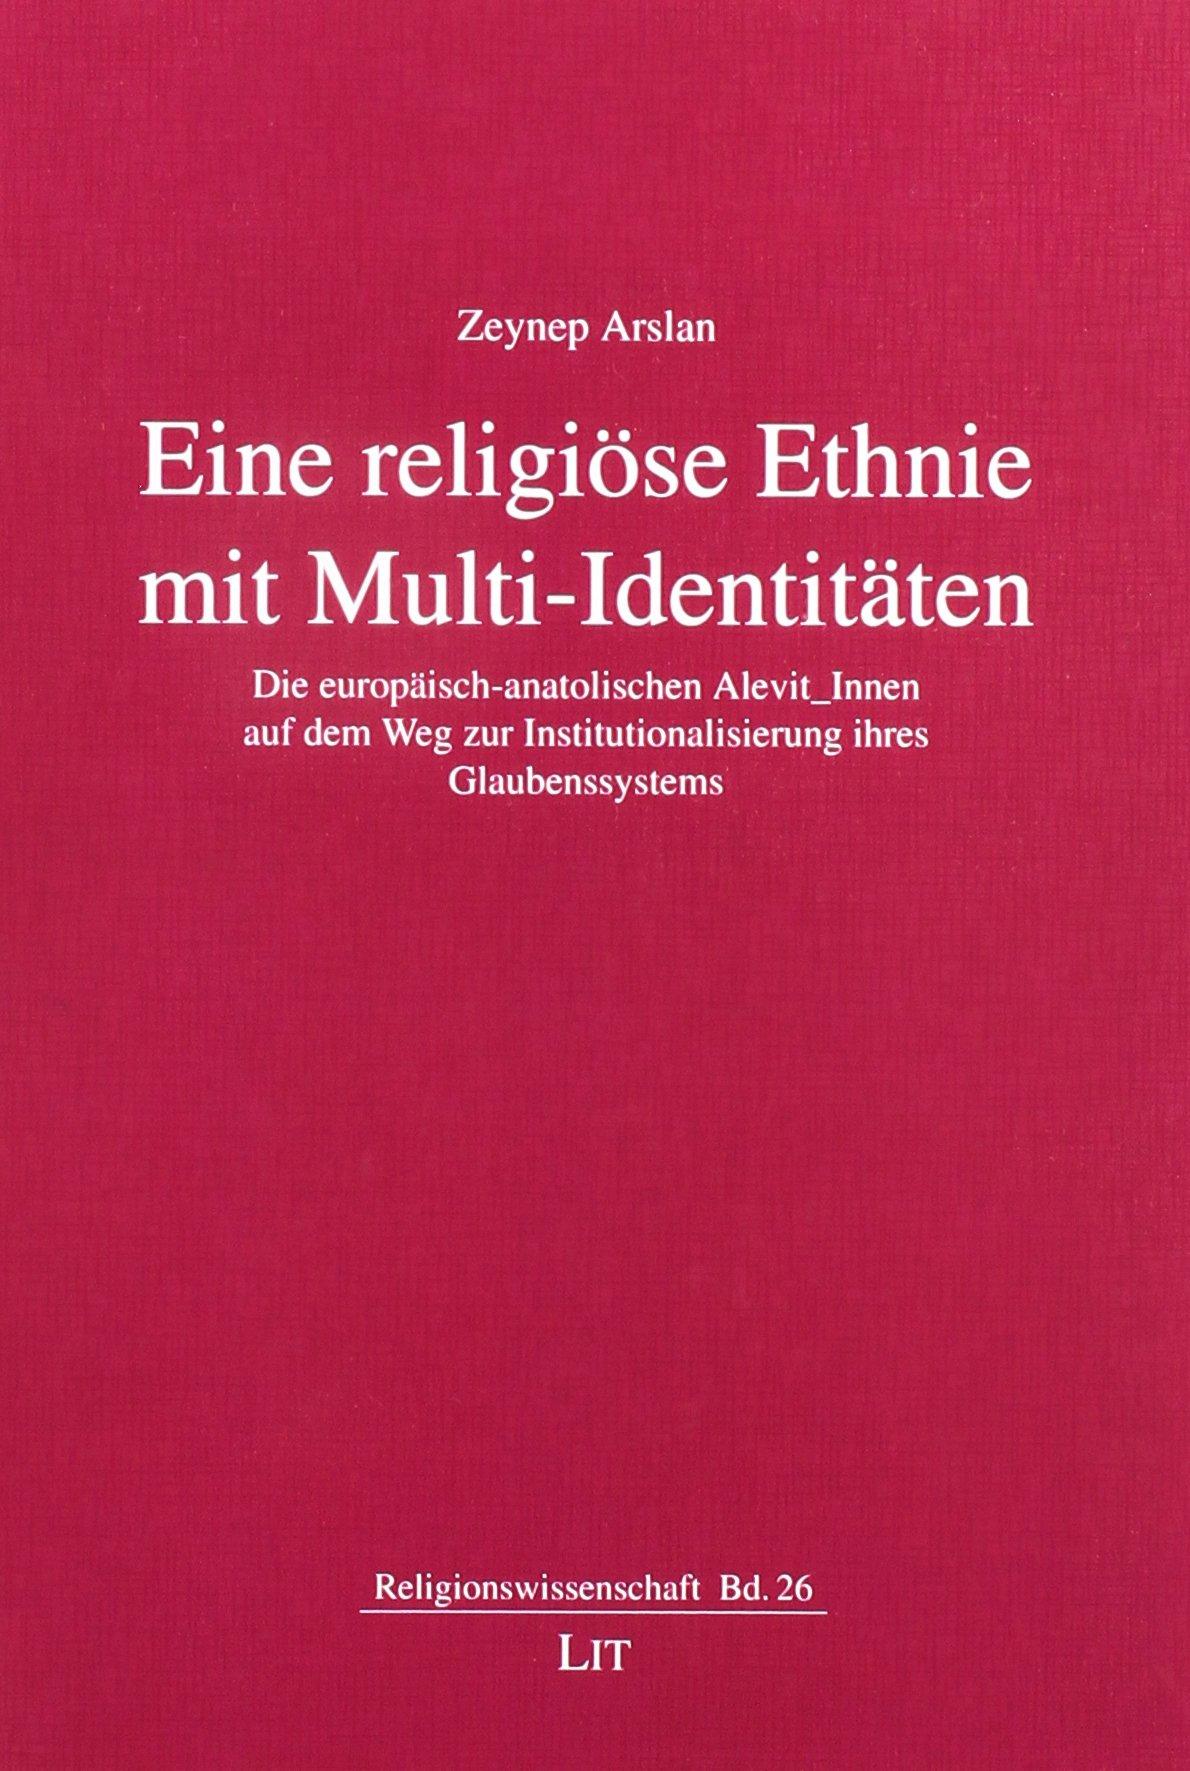 eine-religise-ethnie-mit-multi-identitten-die-europisch-anatolischen-alevit-innen-auf-dem-weg-zur-institutionalisierung-ihres-glaubenssystems